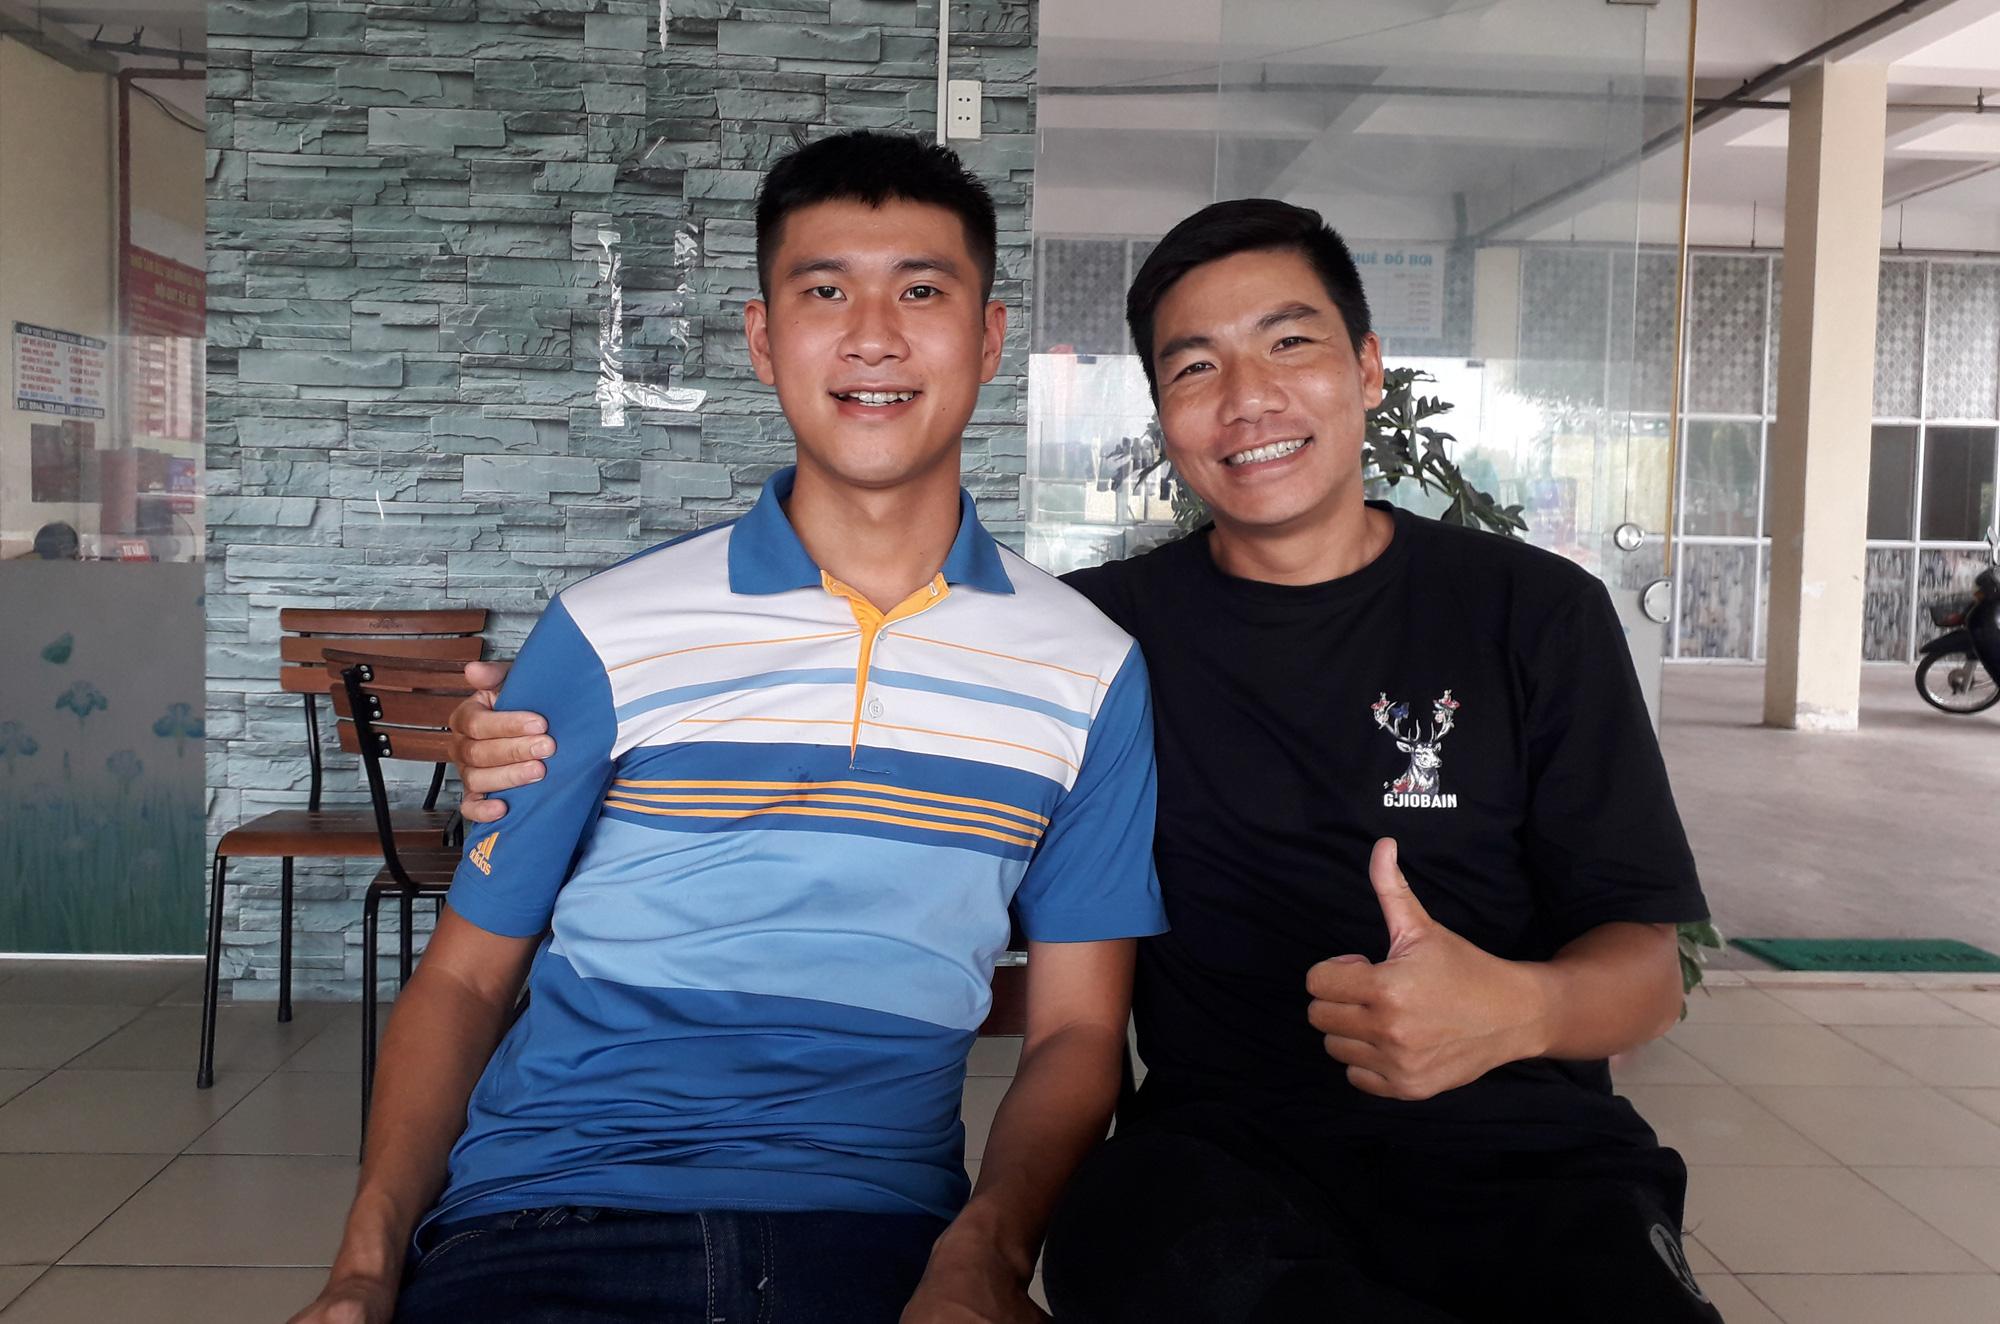 """Long """"thổi"""" - Cựu đội trưởng U18 Việt Nam kể chuyện bị """"lật kèo"""", gạ gẫm tiêu cực! - Ảnh 1."""